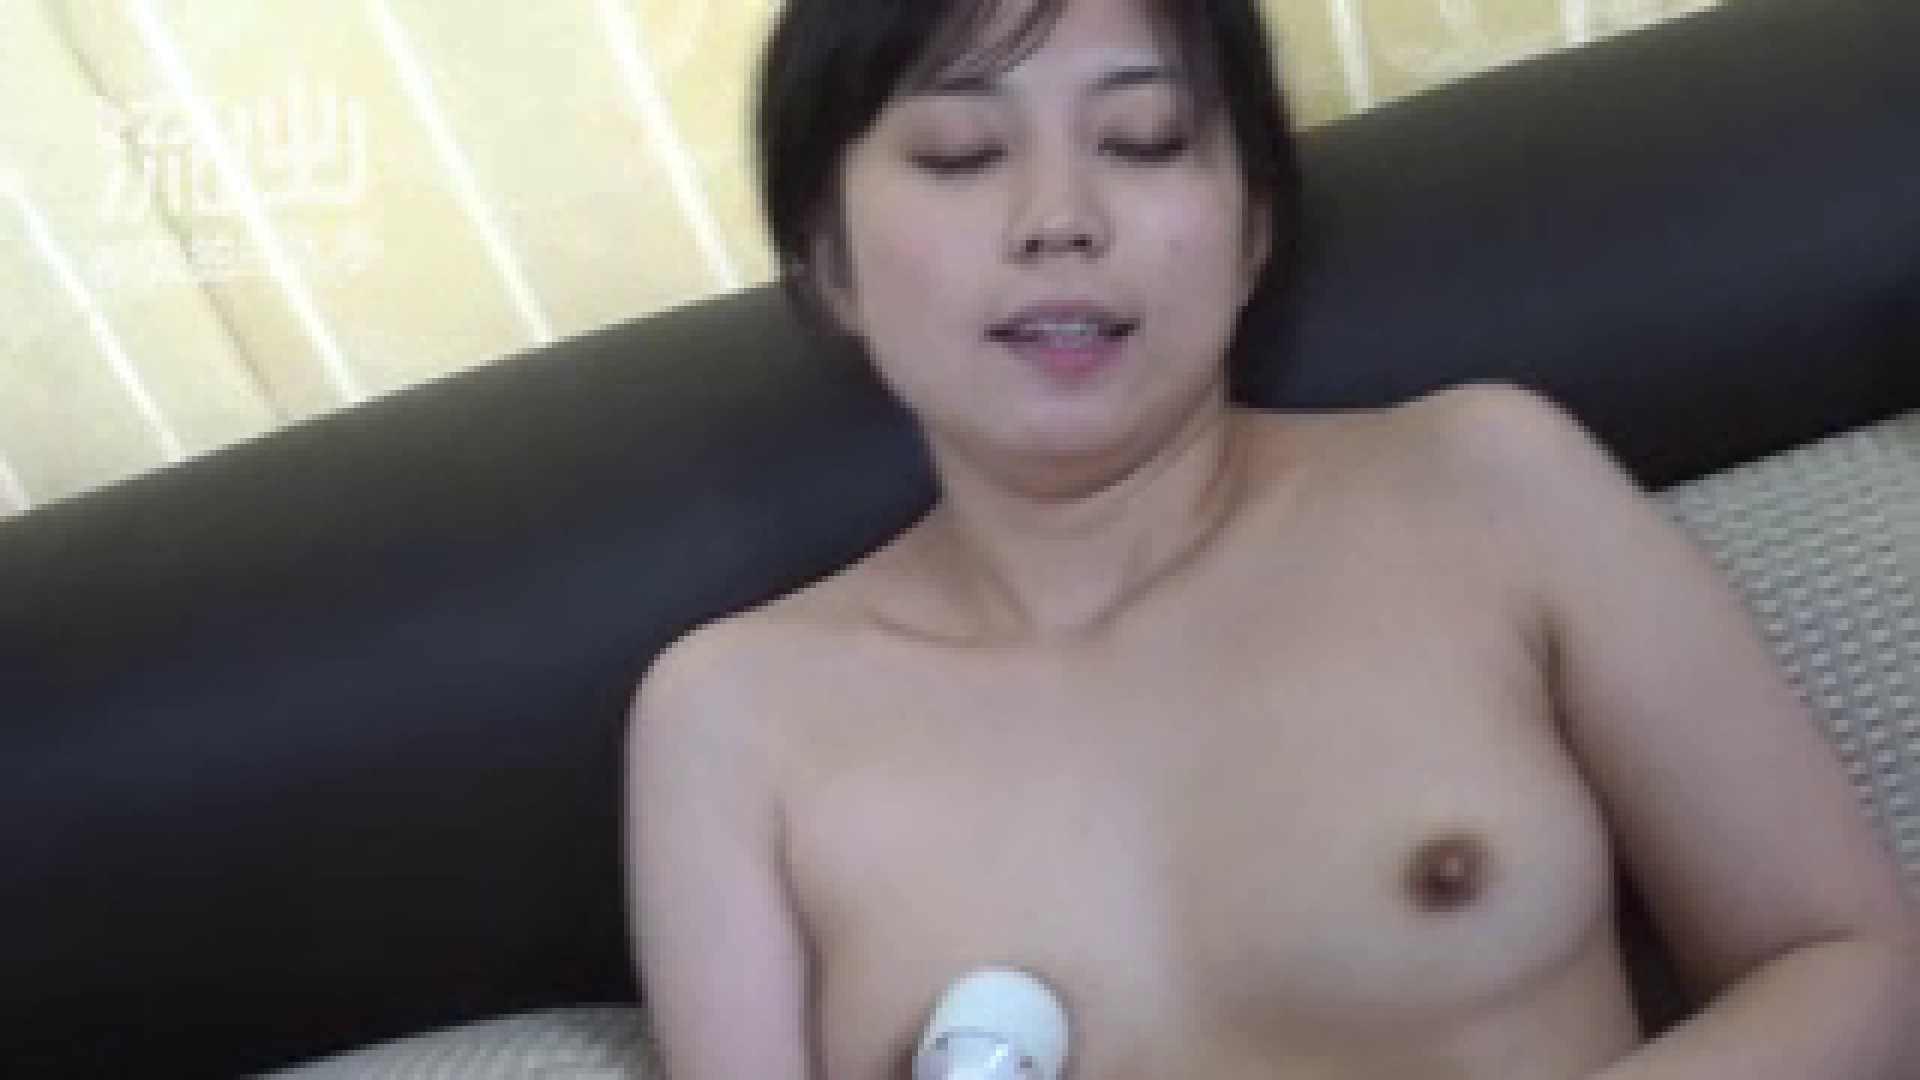 素人流出動画 都内在住マモルくんのファイルvol.6 オナニー | シャワー  72pic 65